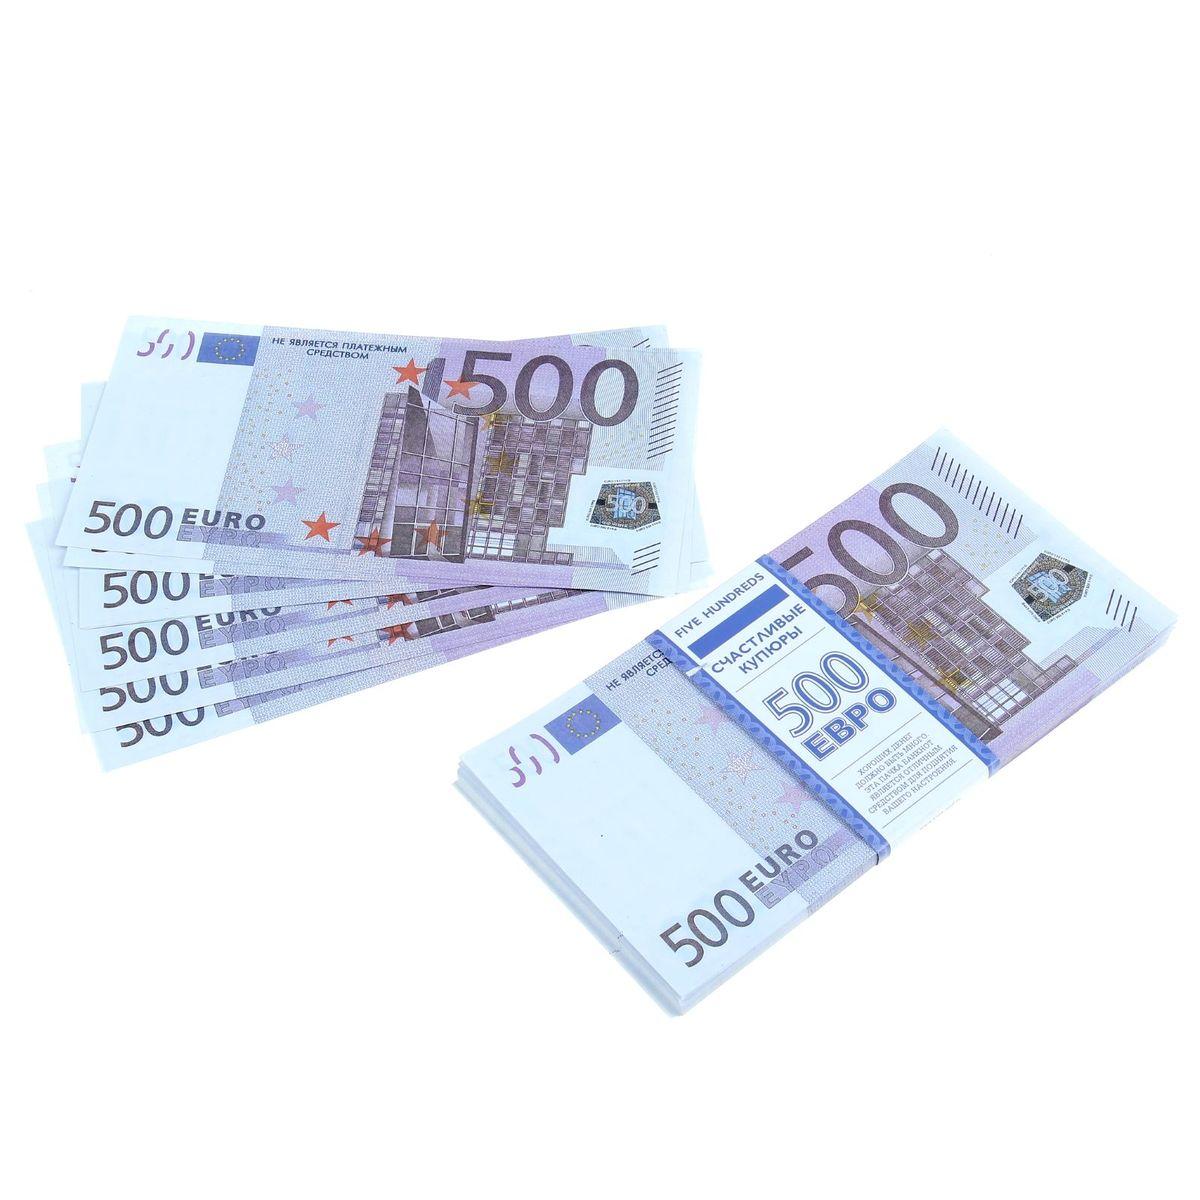 Деньги для выкупа Sima-land 500 евро, 20,8 х 10,7 см1015855Хотите весело и щедро выкупить невесту? Легко! С вас - боевое настроение, а о деньгах не волнуйтесь! Набор Sima-land 500 евро состоит из 80 банкнот. Деньги выглядят совсем как настоящие, только очень большие. Такие шуточные купюры пригодятся жениху для того, чтобы откупиться от некоторых заданий при выкупе невесты. Подойдут также и для проведения свадебных конкурсов.Размер купюры: 20,8 х 10,7 см.